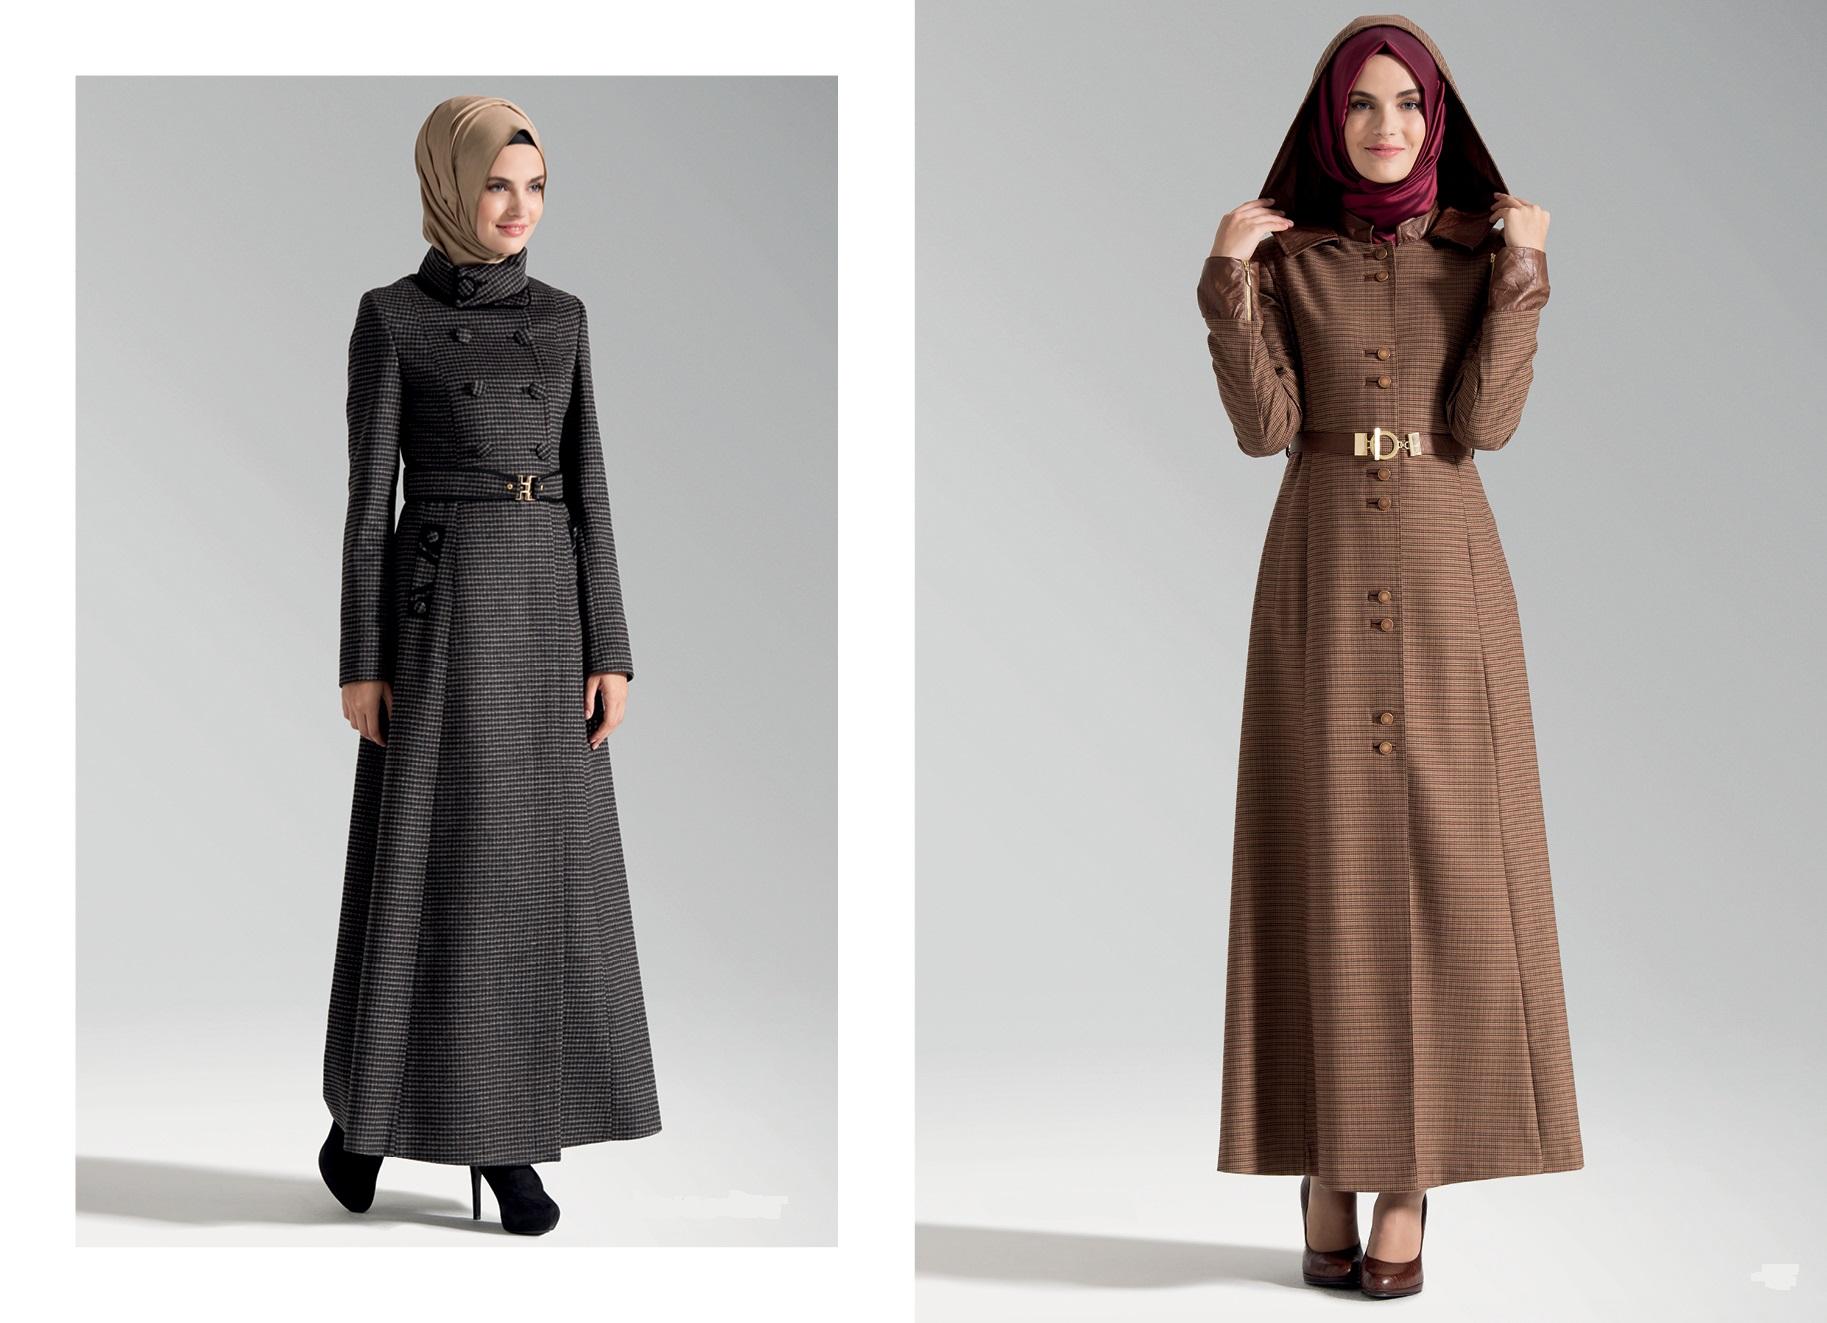 بالصور ملابس شتوية للمحجبات تركية , اجمل ملابس المحجبات التركيه الشتويه المتينه 831 4